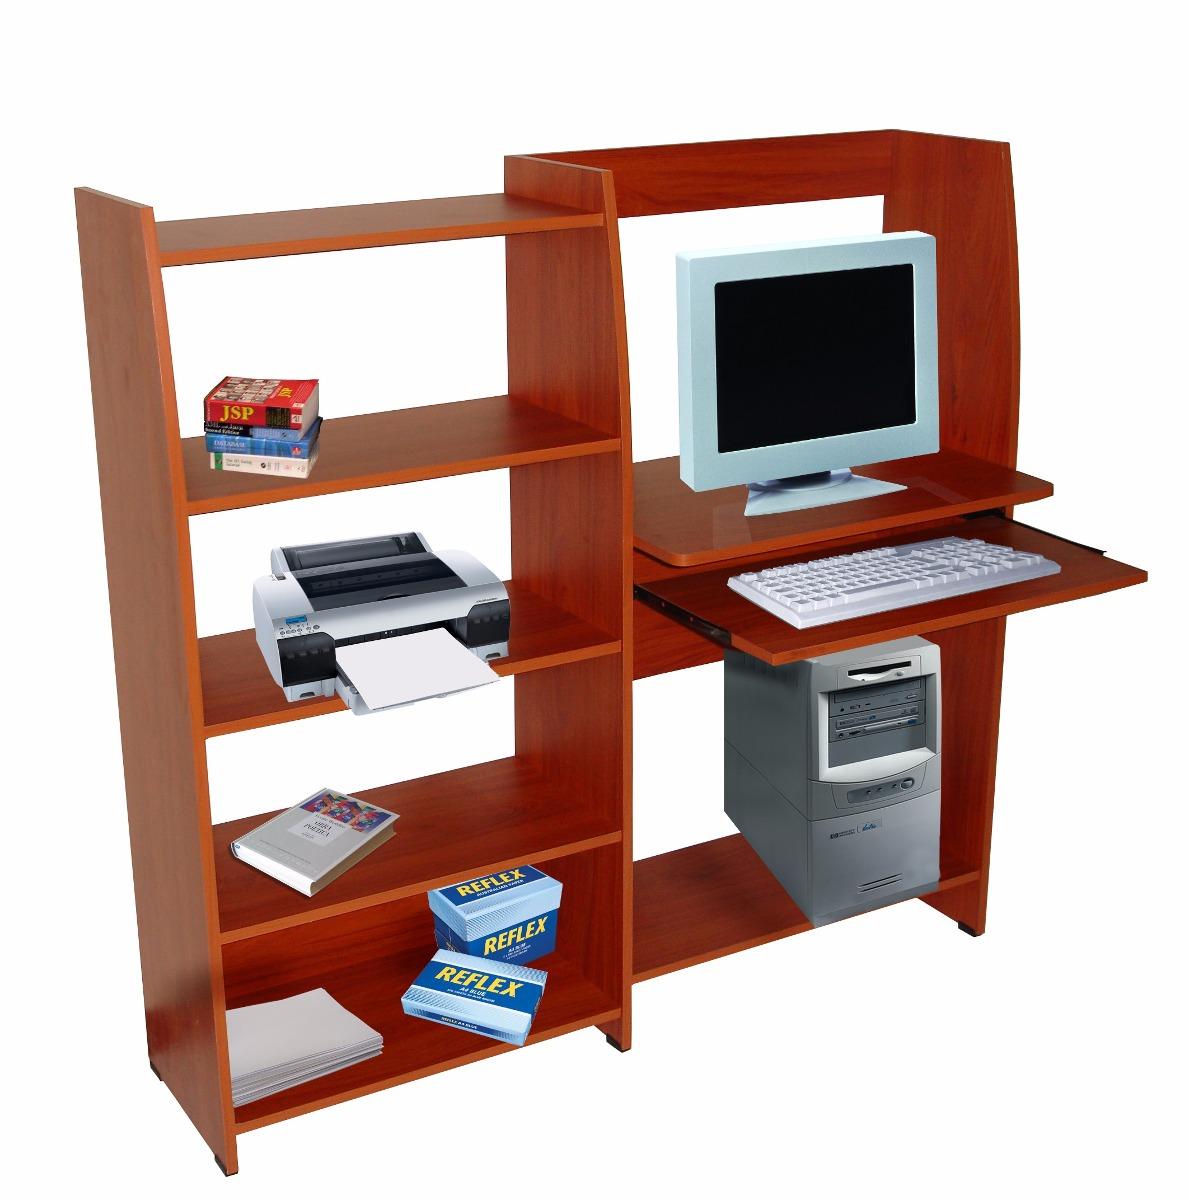 Mueble para computadora madera excelente calidad bs 295 for Muebles para computadora